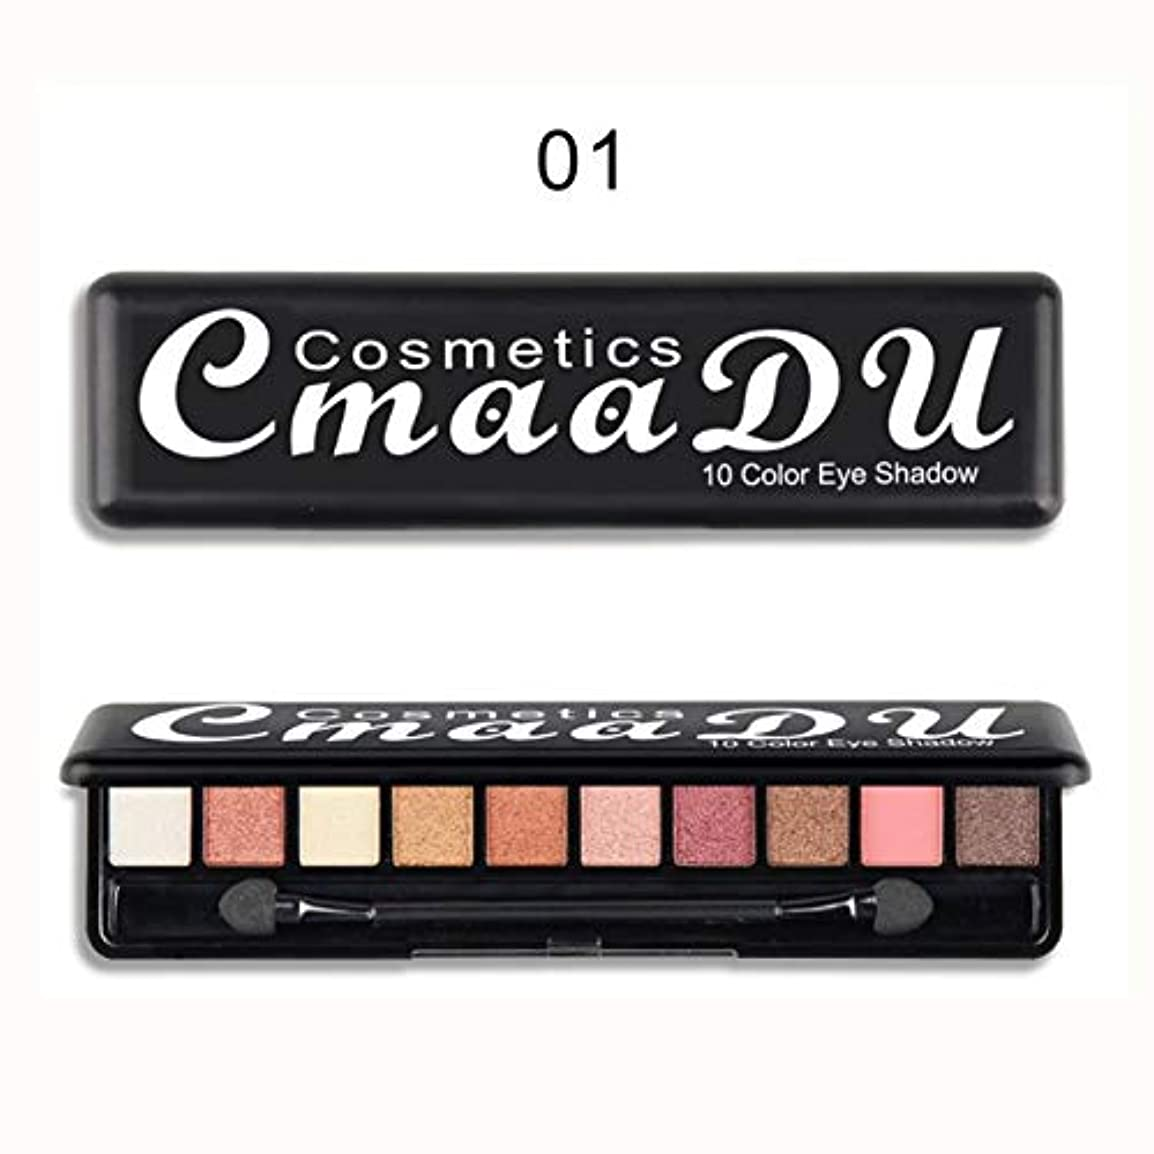 ボックス傷つきやすいターゲットアイシャドウパレット120色女性フルプロフェッショナルアイメイクマットシマーグローセットアイシャドウパレット化粧品 (Color : Q)